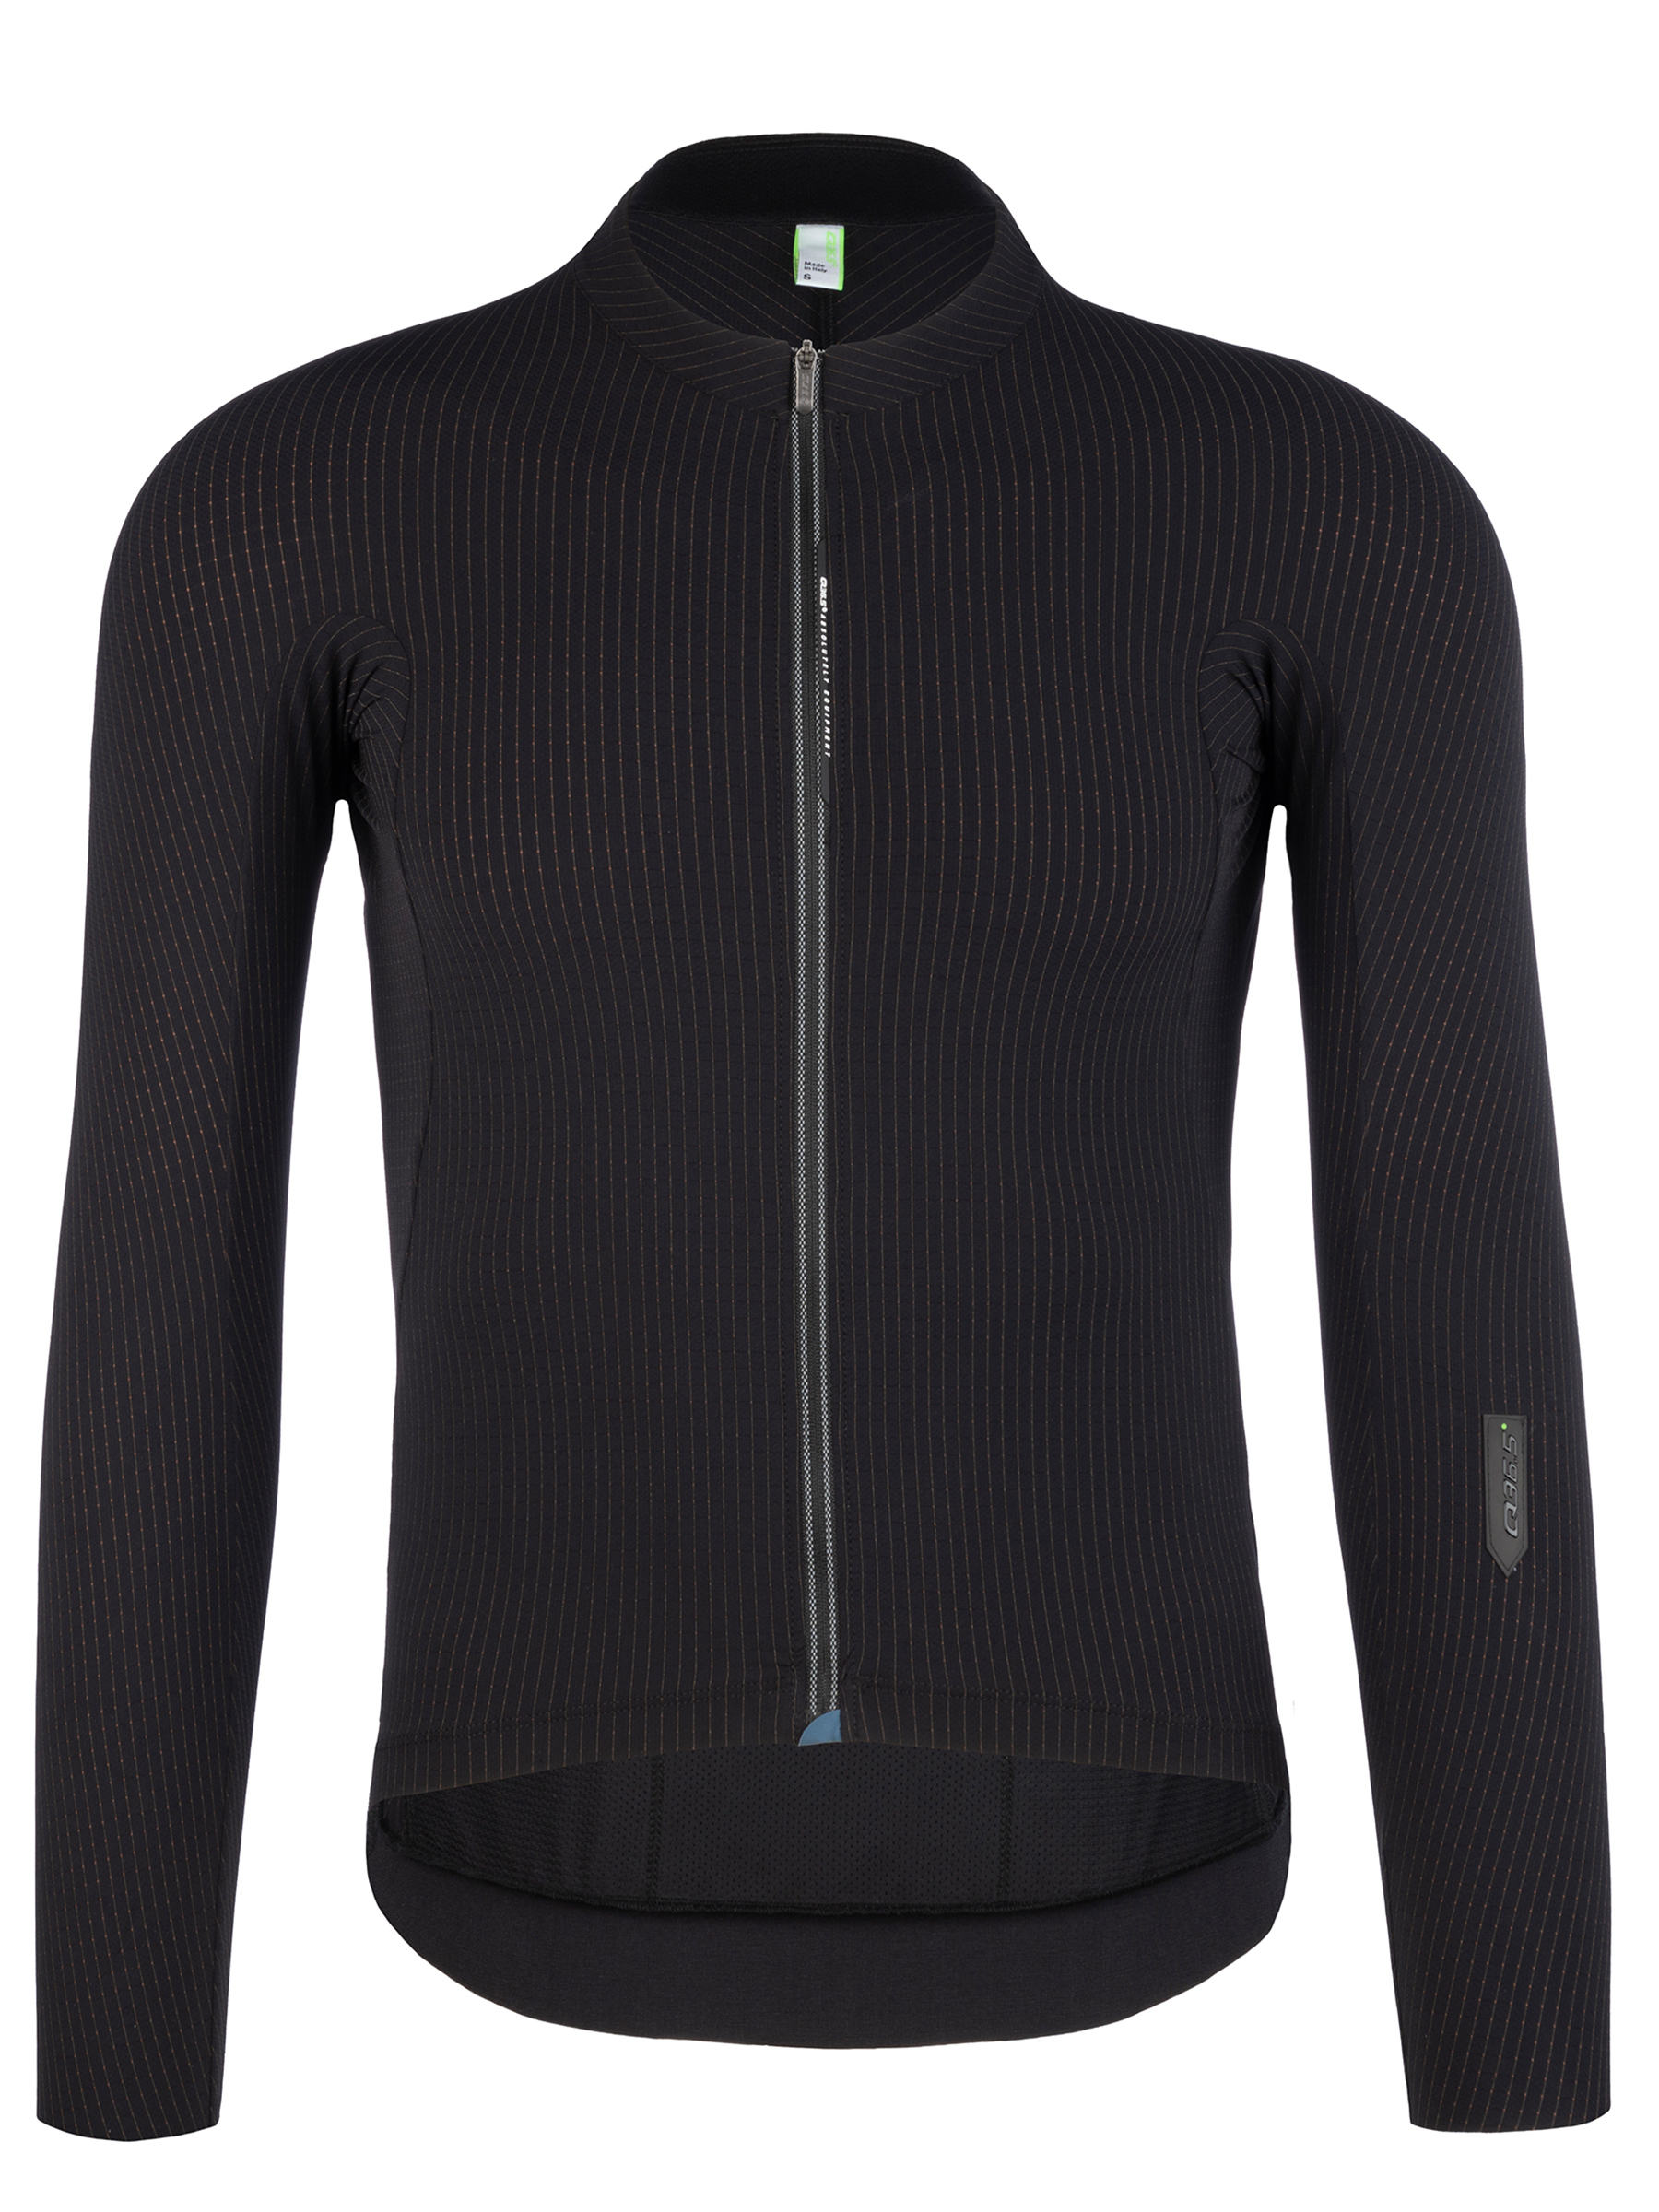 Maglia ciclismo uomo maniche lunghe L1 Pinstripe X nera